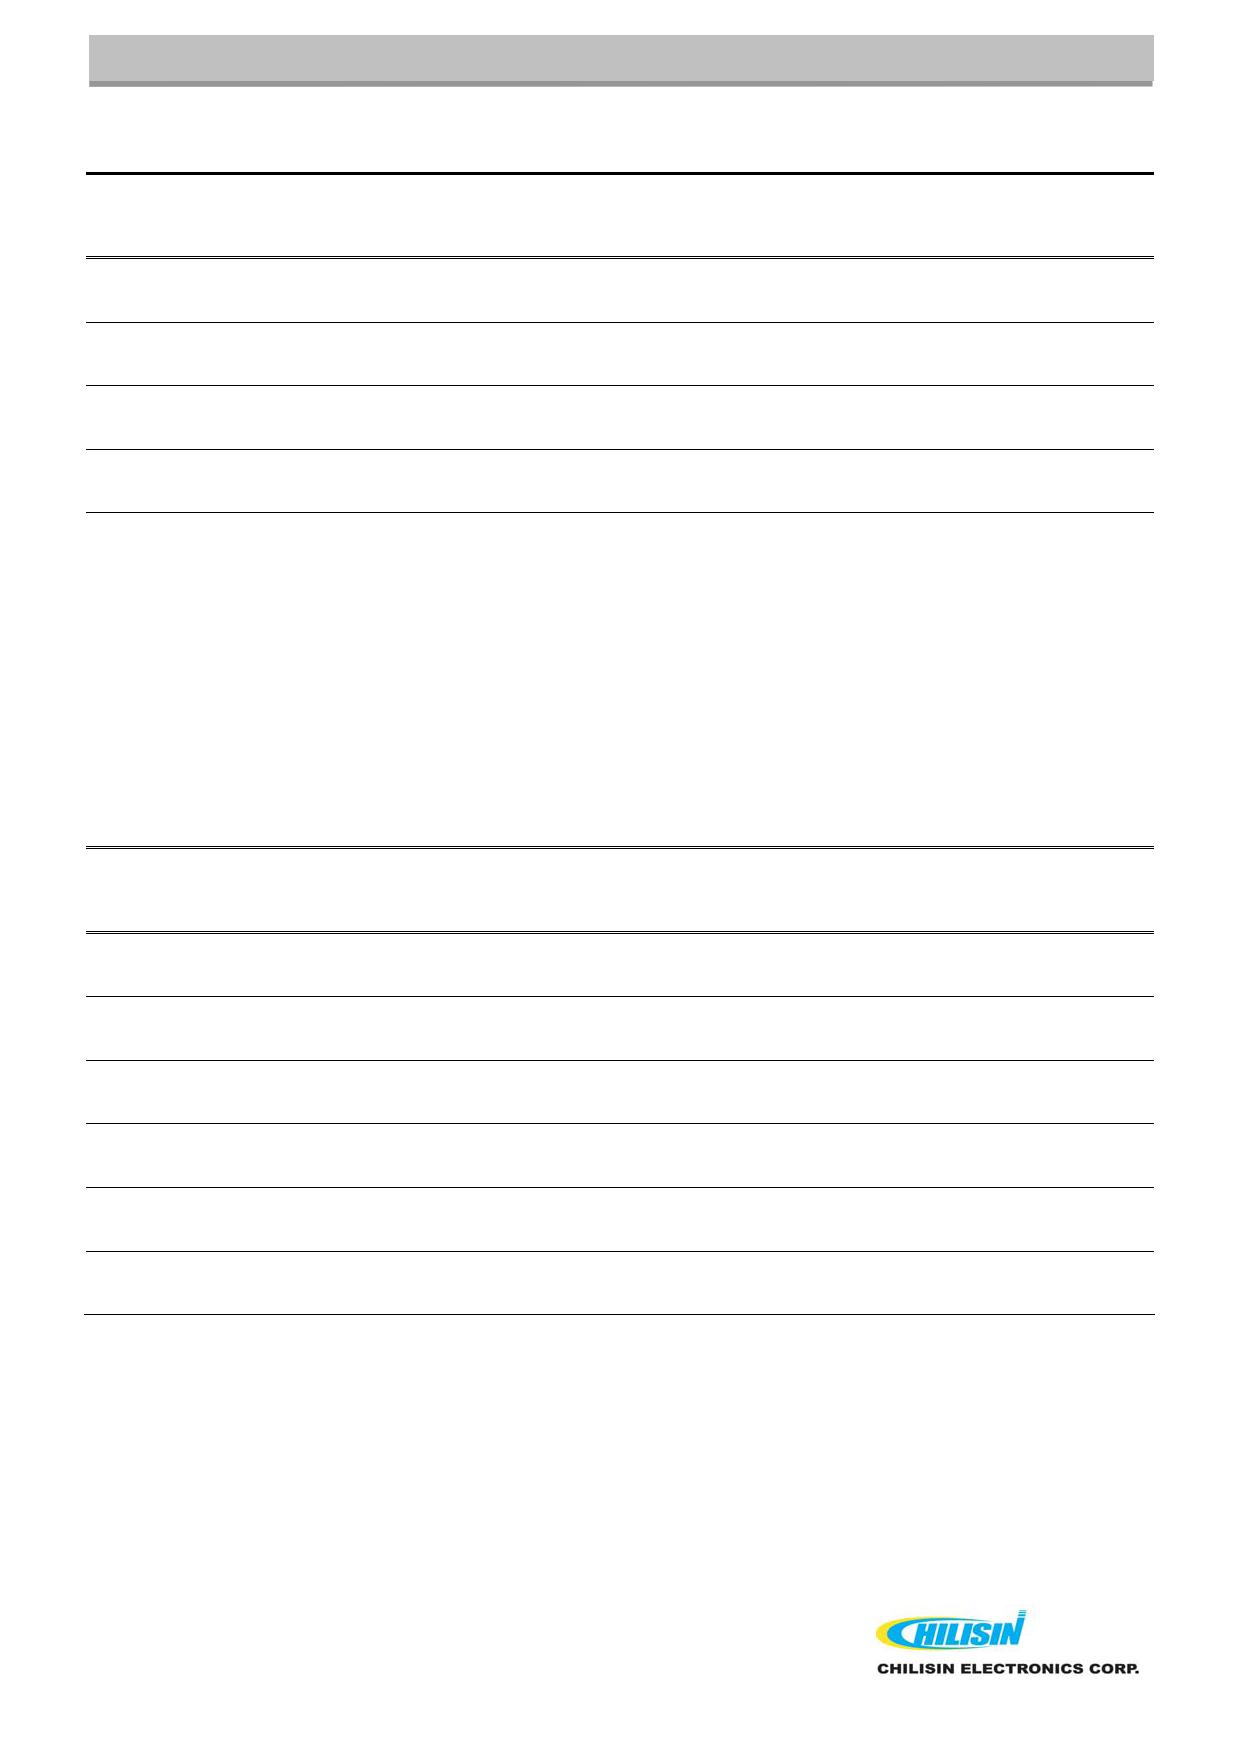 SQC453226 pdf, 반도체, 판매, 대치품